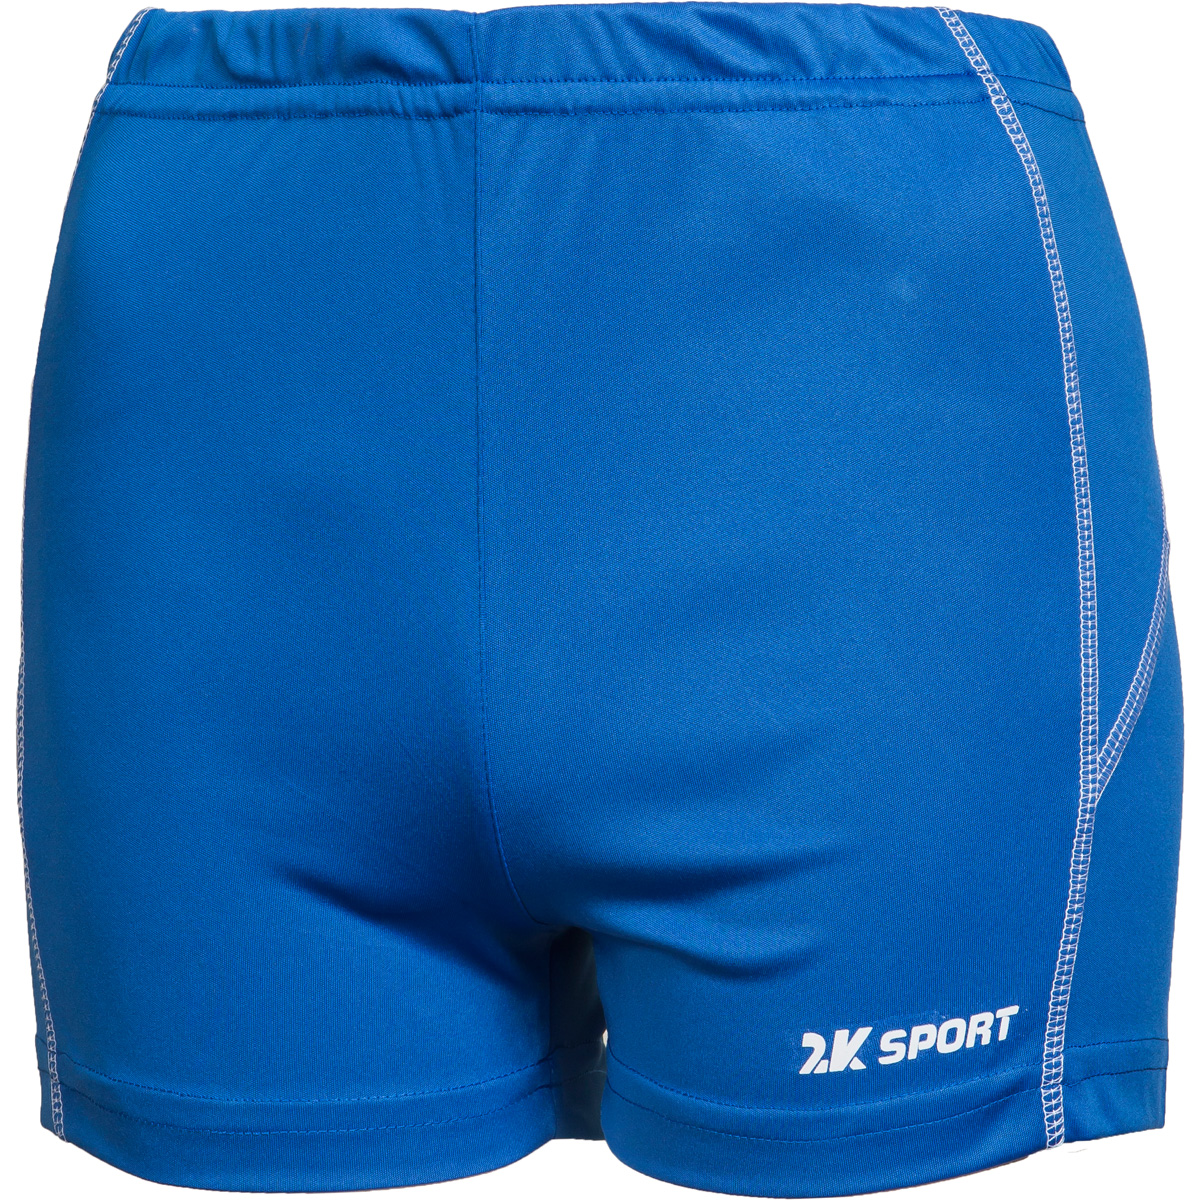 Шорты волейбольные женские 2K Sport Energy, цвет: синий. 140043. Размер XL (48/50)